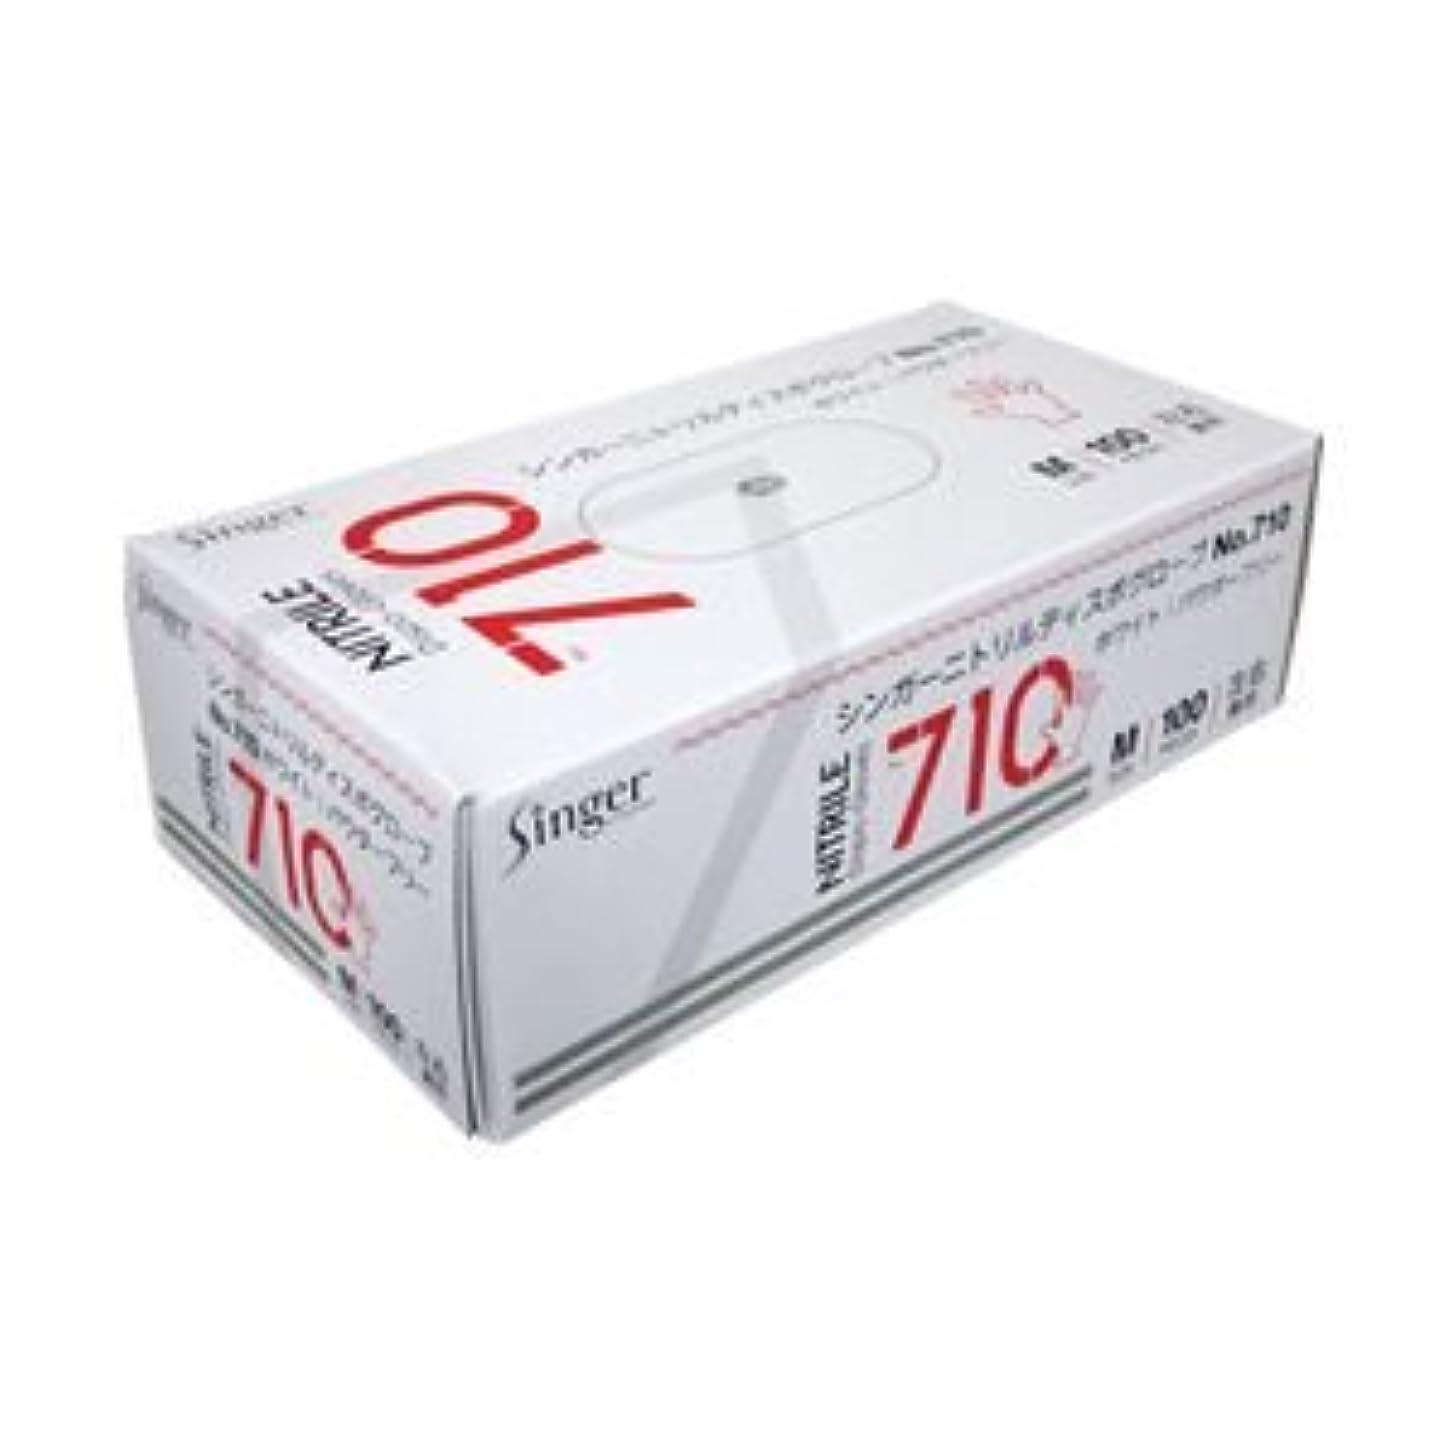 心配するサイレントモーター宇都宮製作 ニトリル手袋710 粉なし M 1箱(100枚) ×5セット